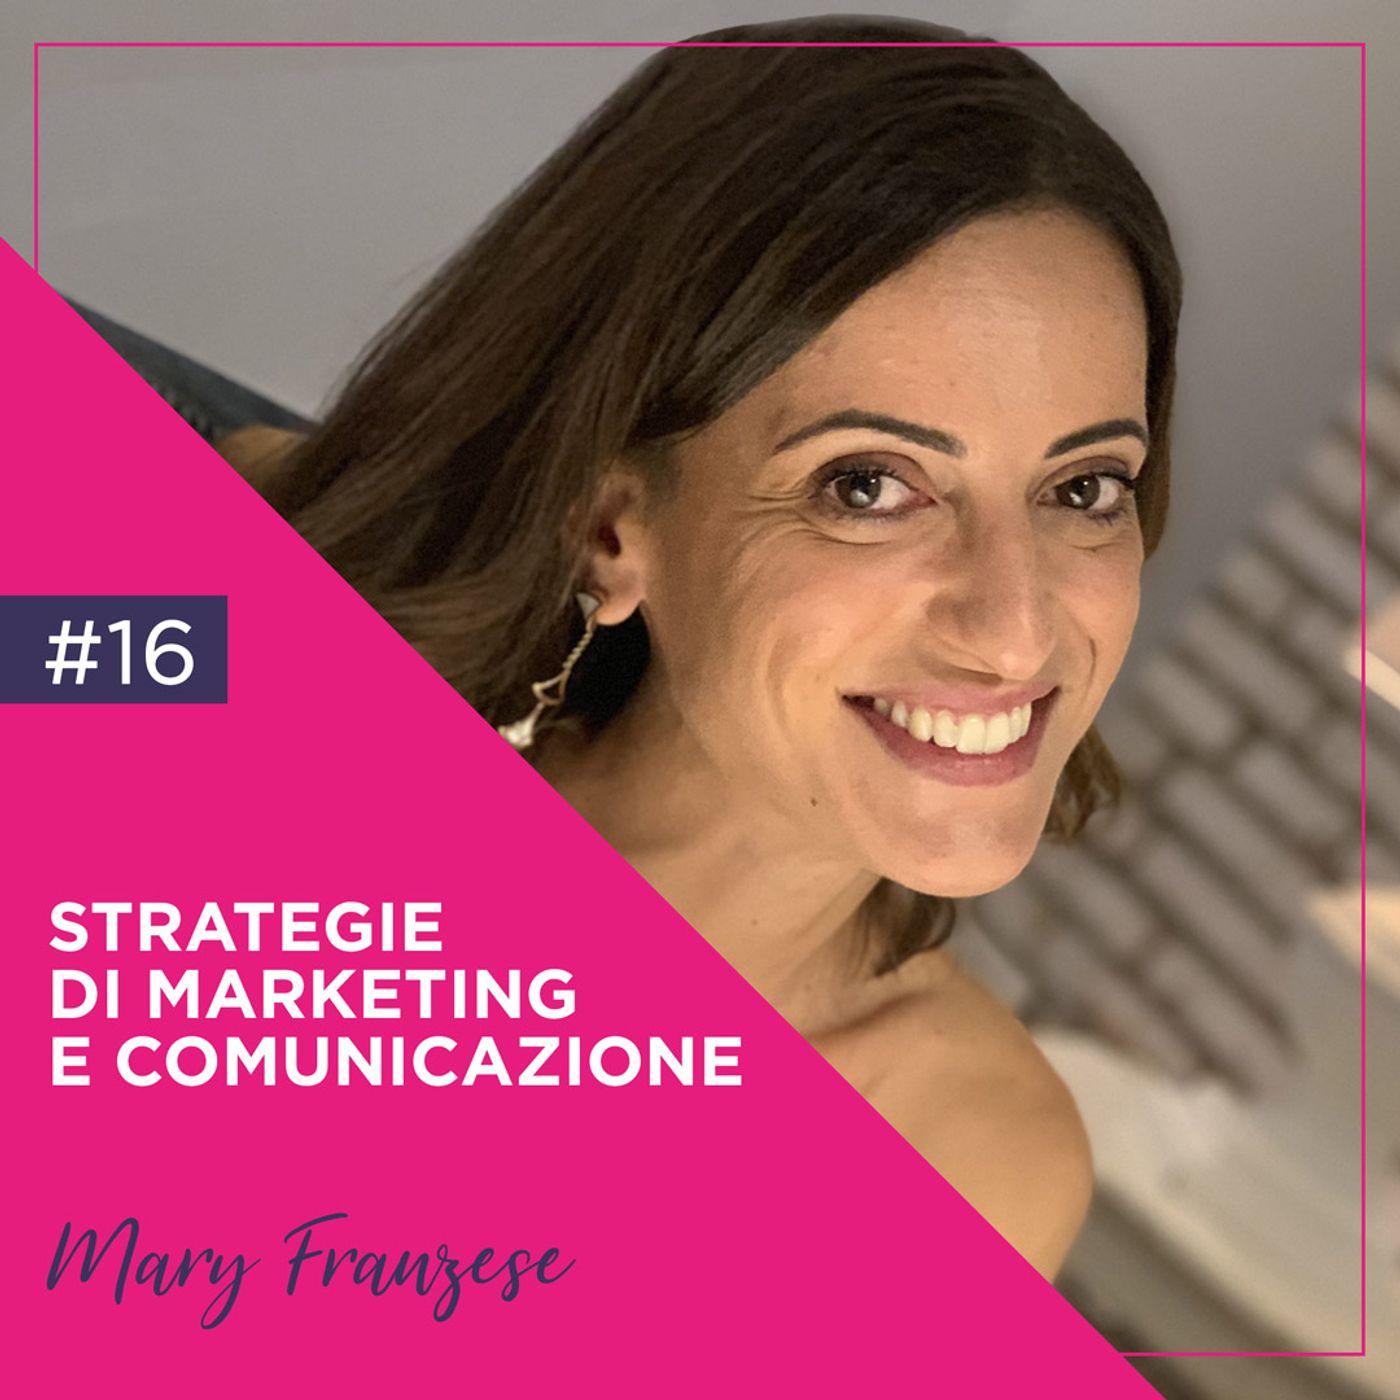 Strategie di Marketing e Comunicazione Efficaci, con Mary Franzese